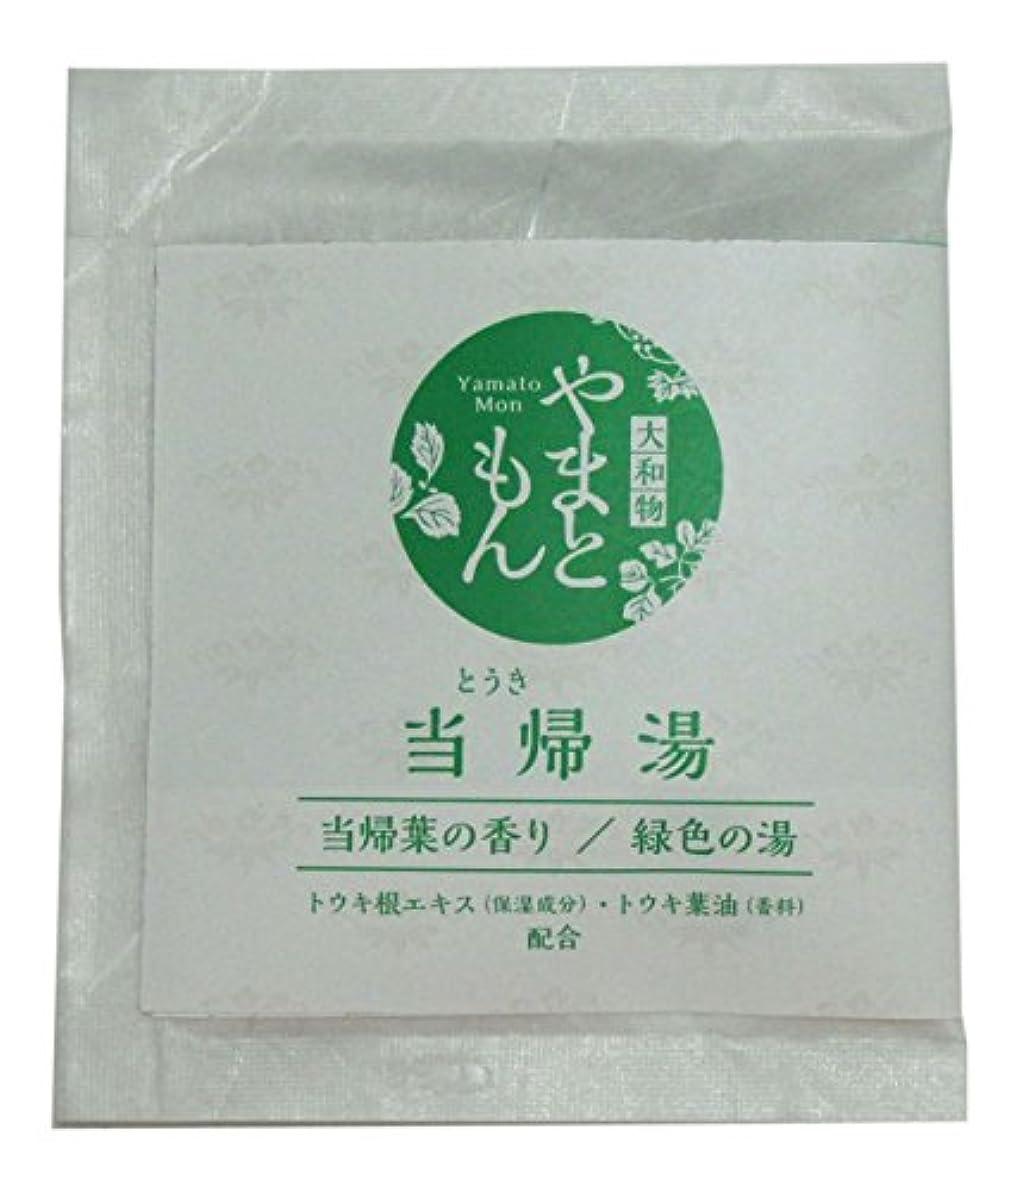 ファンシー豚シャワー奈良産和漢生薬エキス使用やまともん化粧品 当帰湯(とうきゆ)